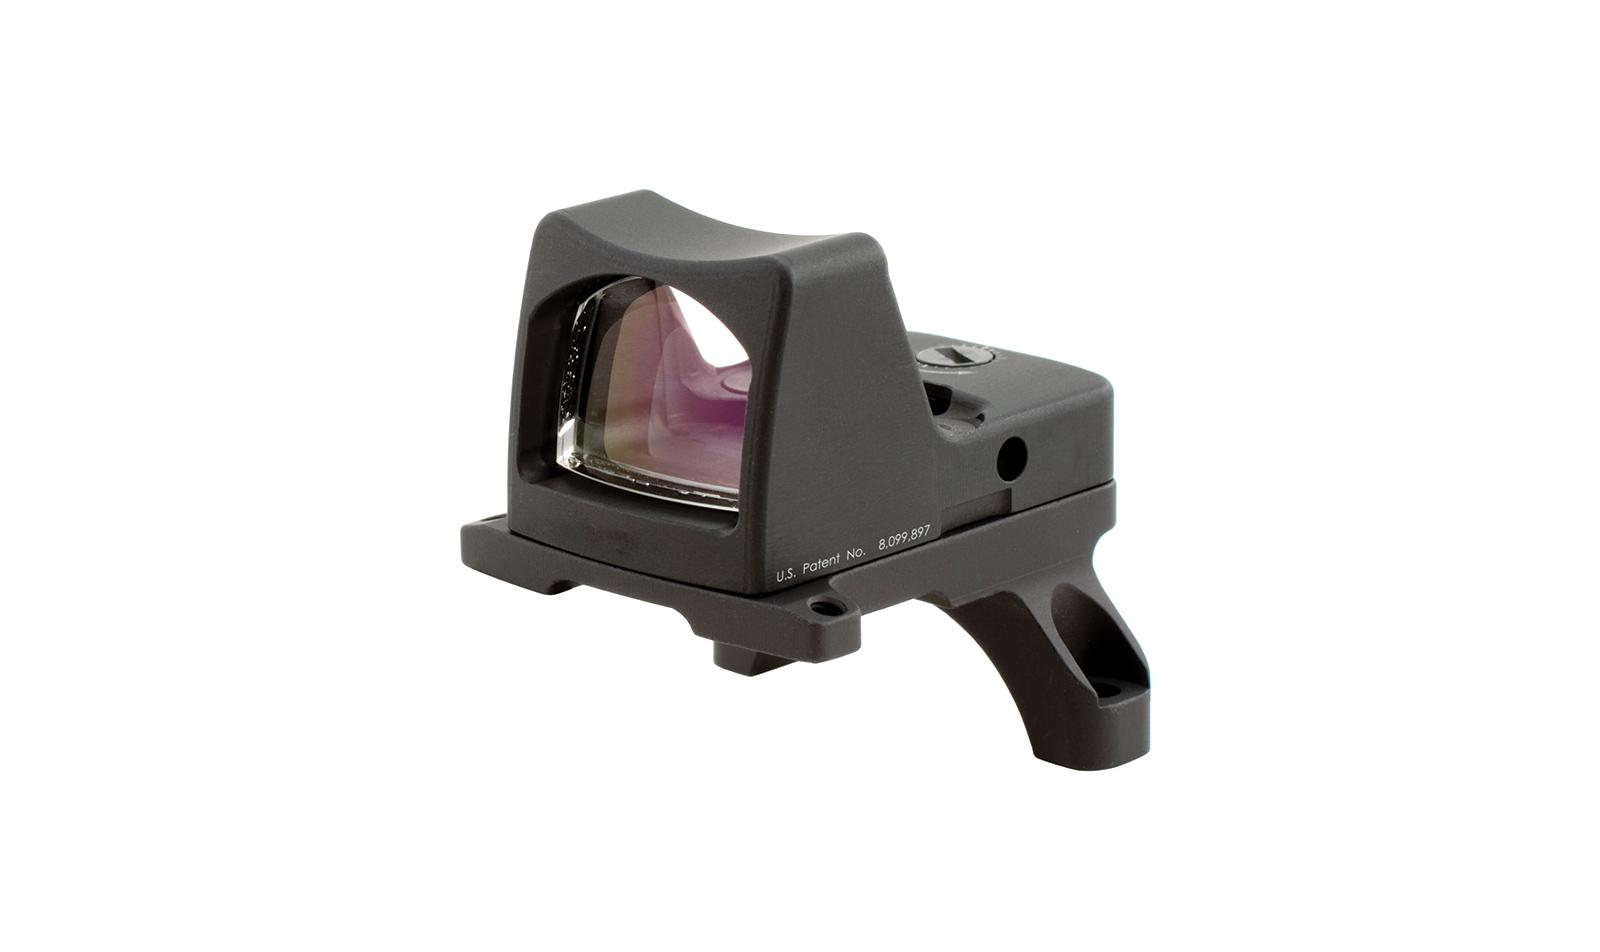 RM02-C-700611 angle 1